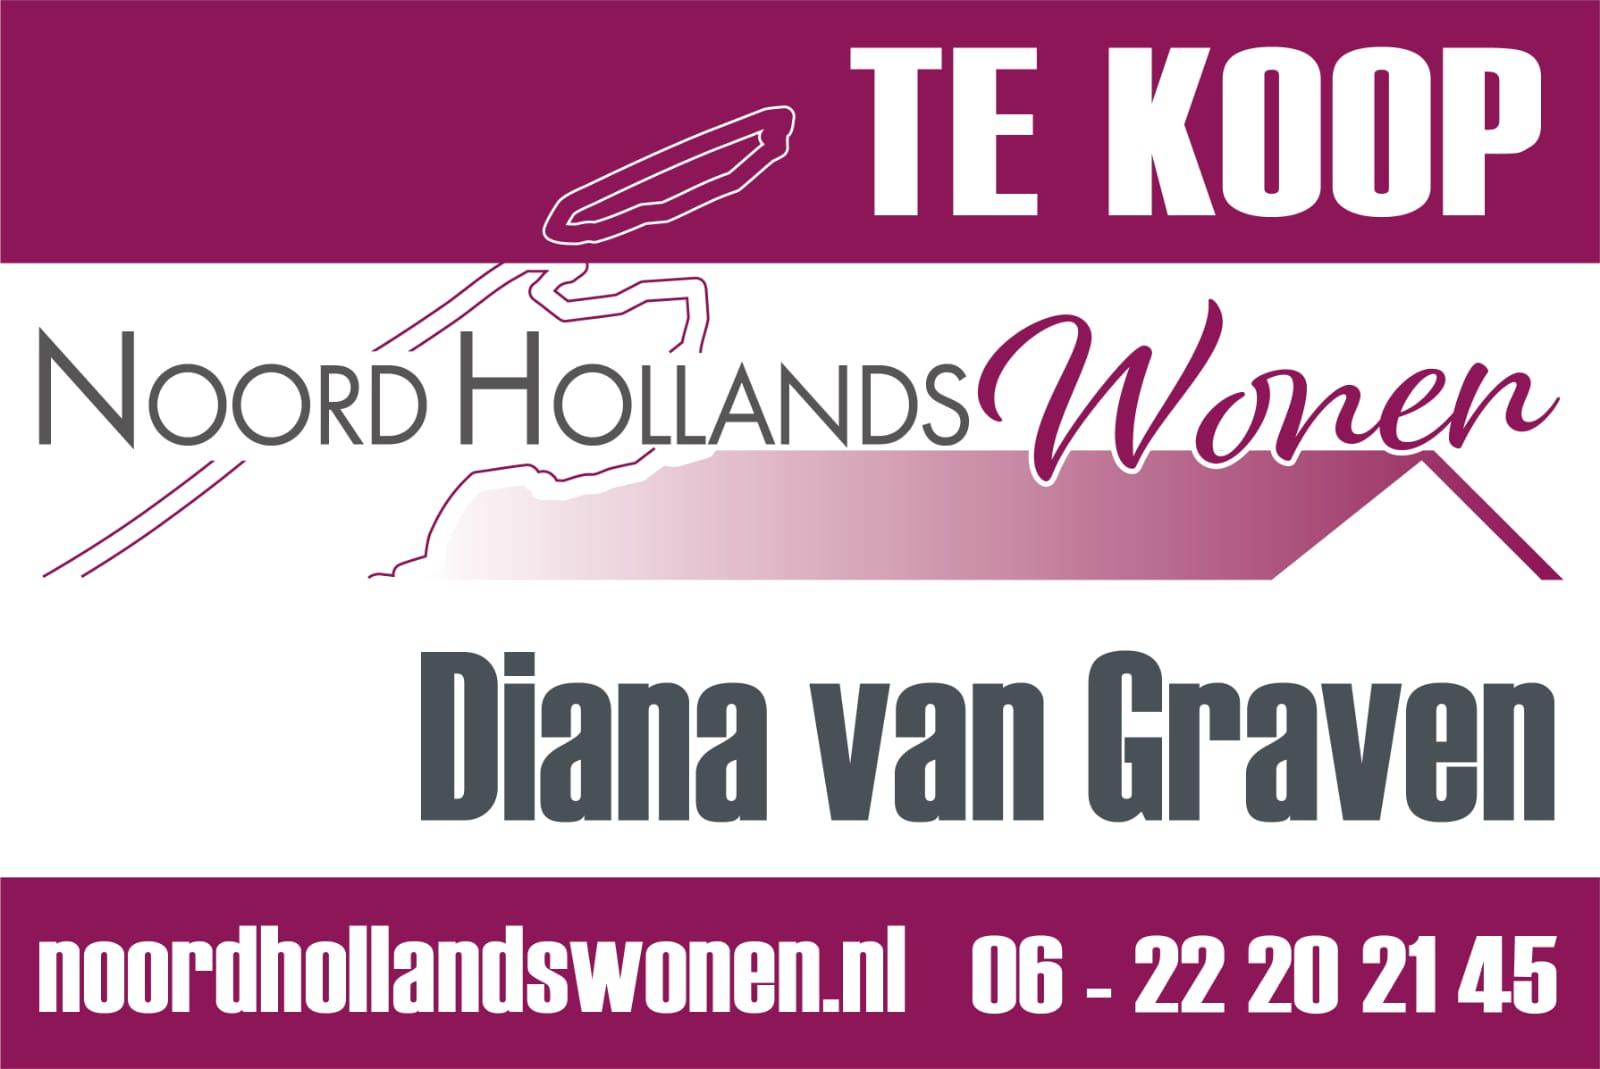 OVAP Diana van Graven NoordHollandsWonen